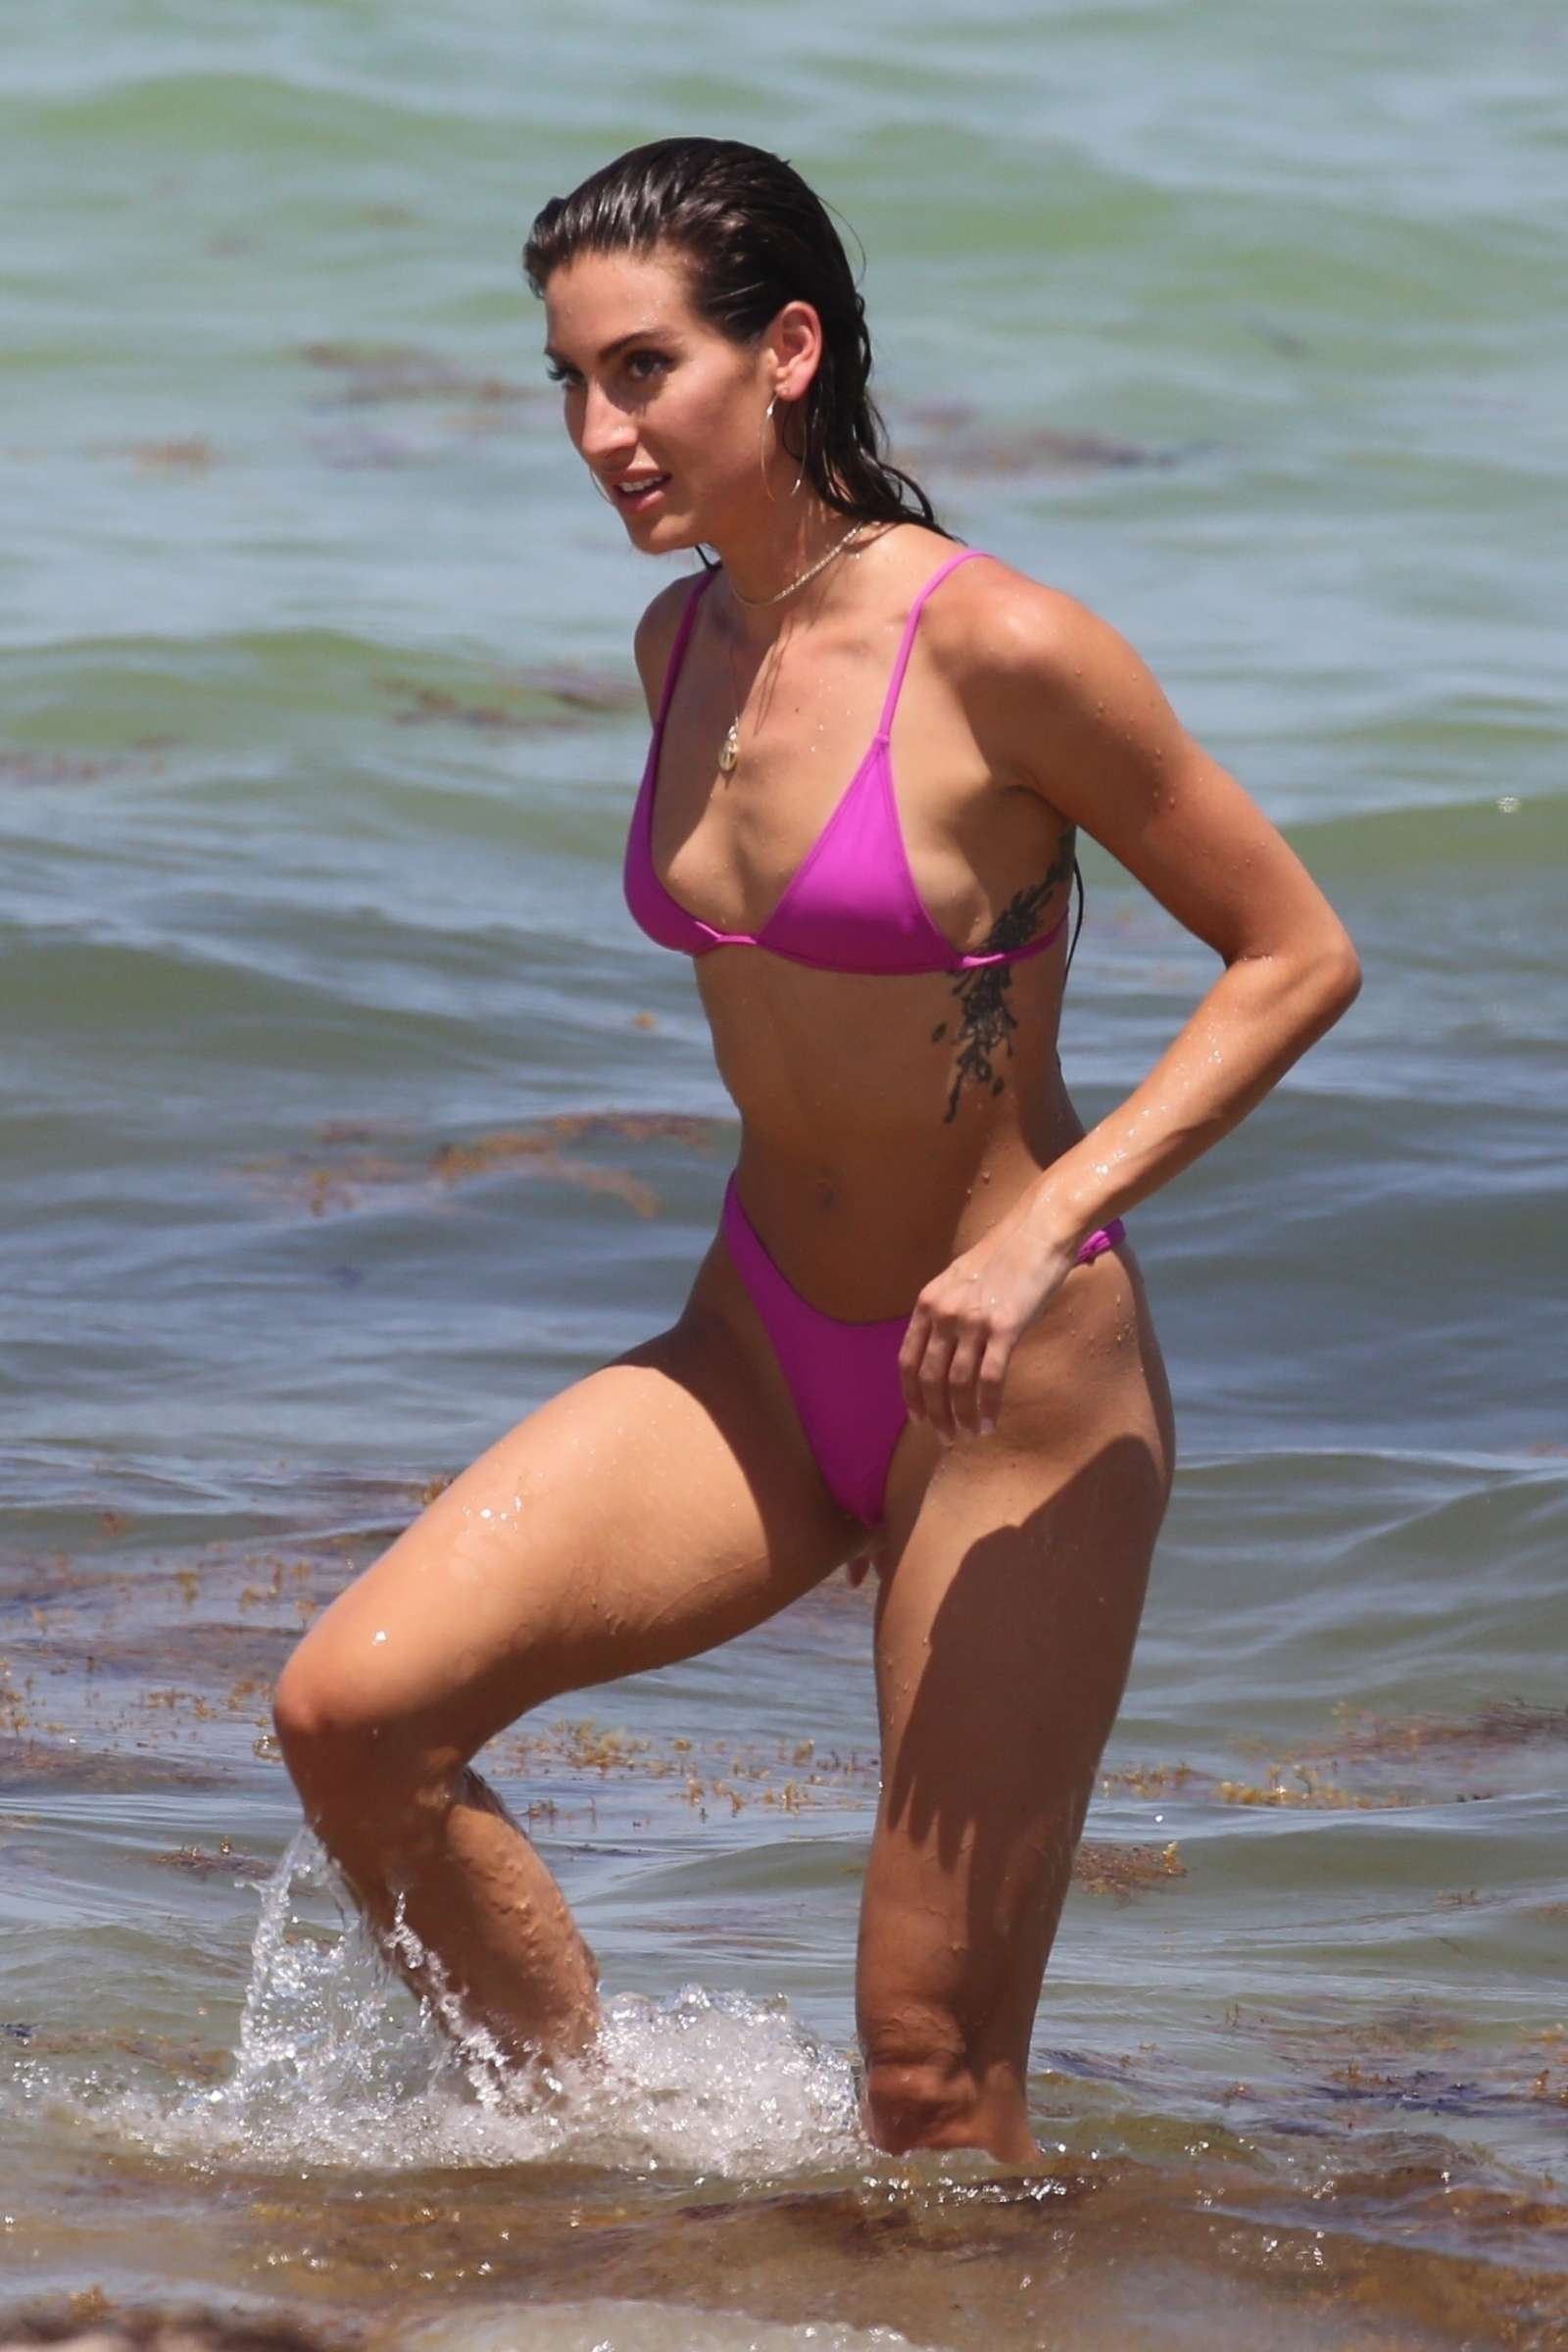 Kaylee Ricciardi nude (35 photo), photos Erotica, Snapchat, legs 2020